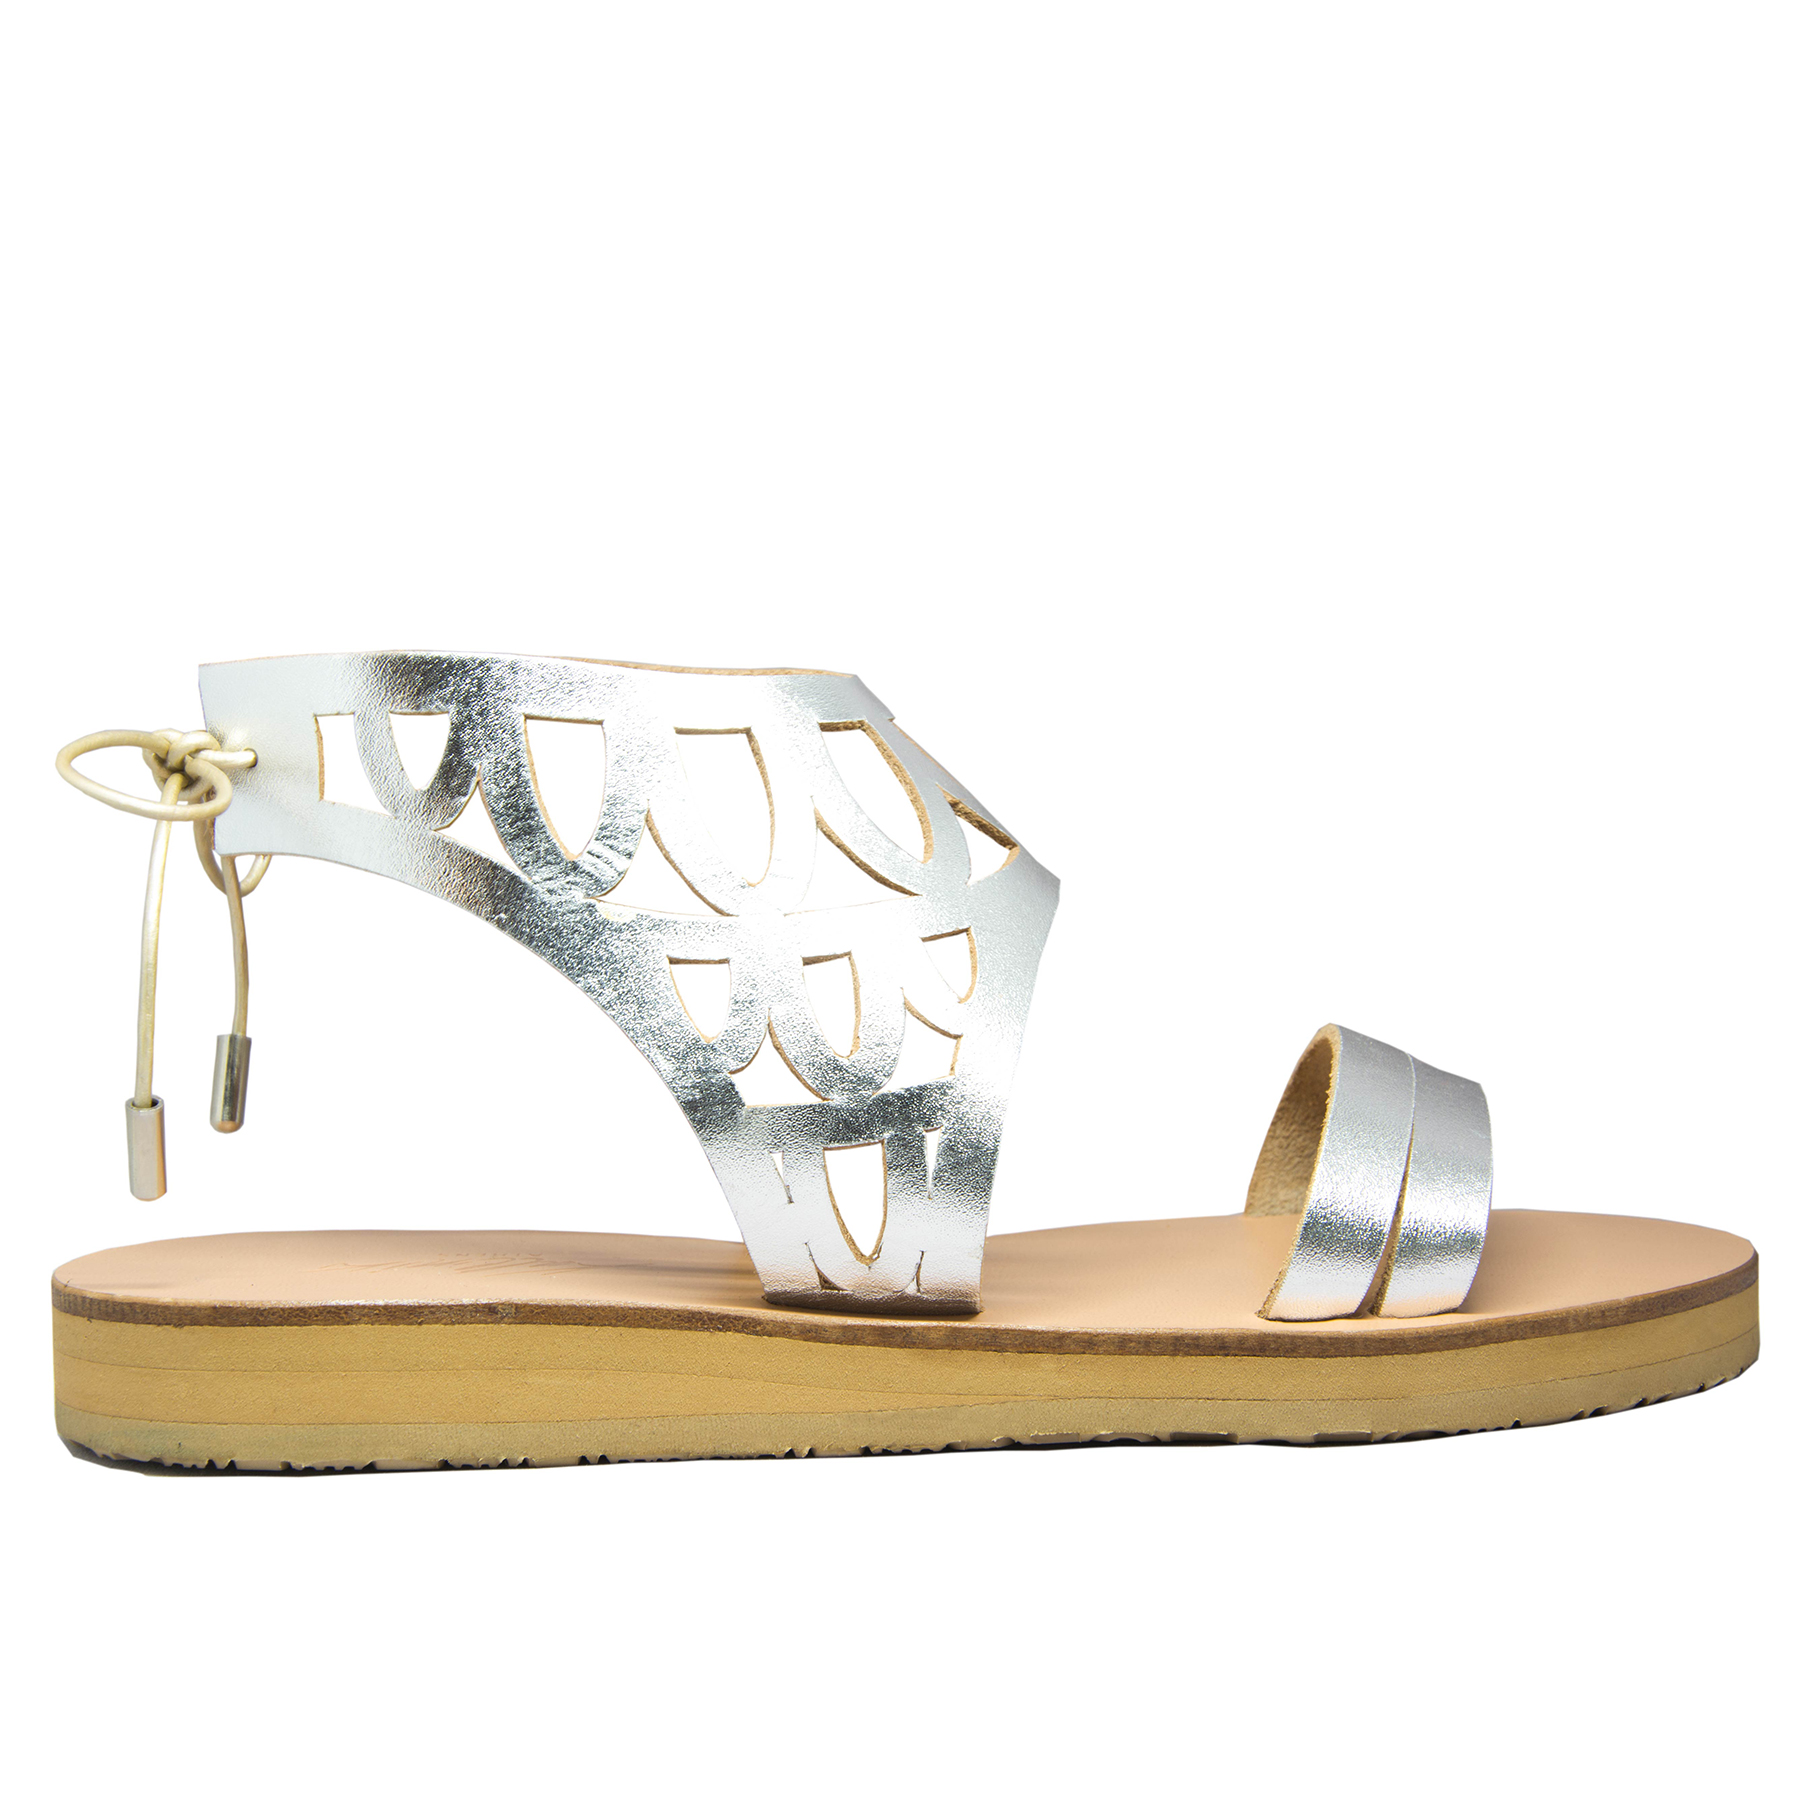 KALLINIKI Siren Silver Sandals